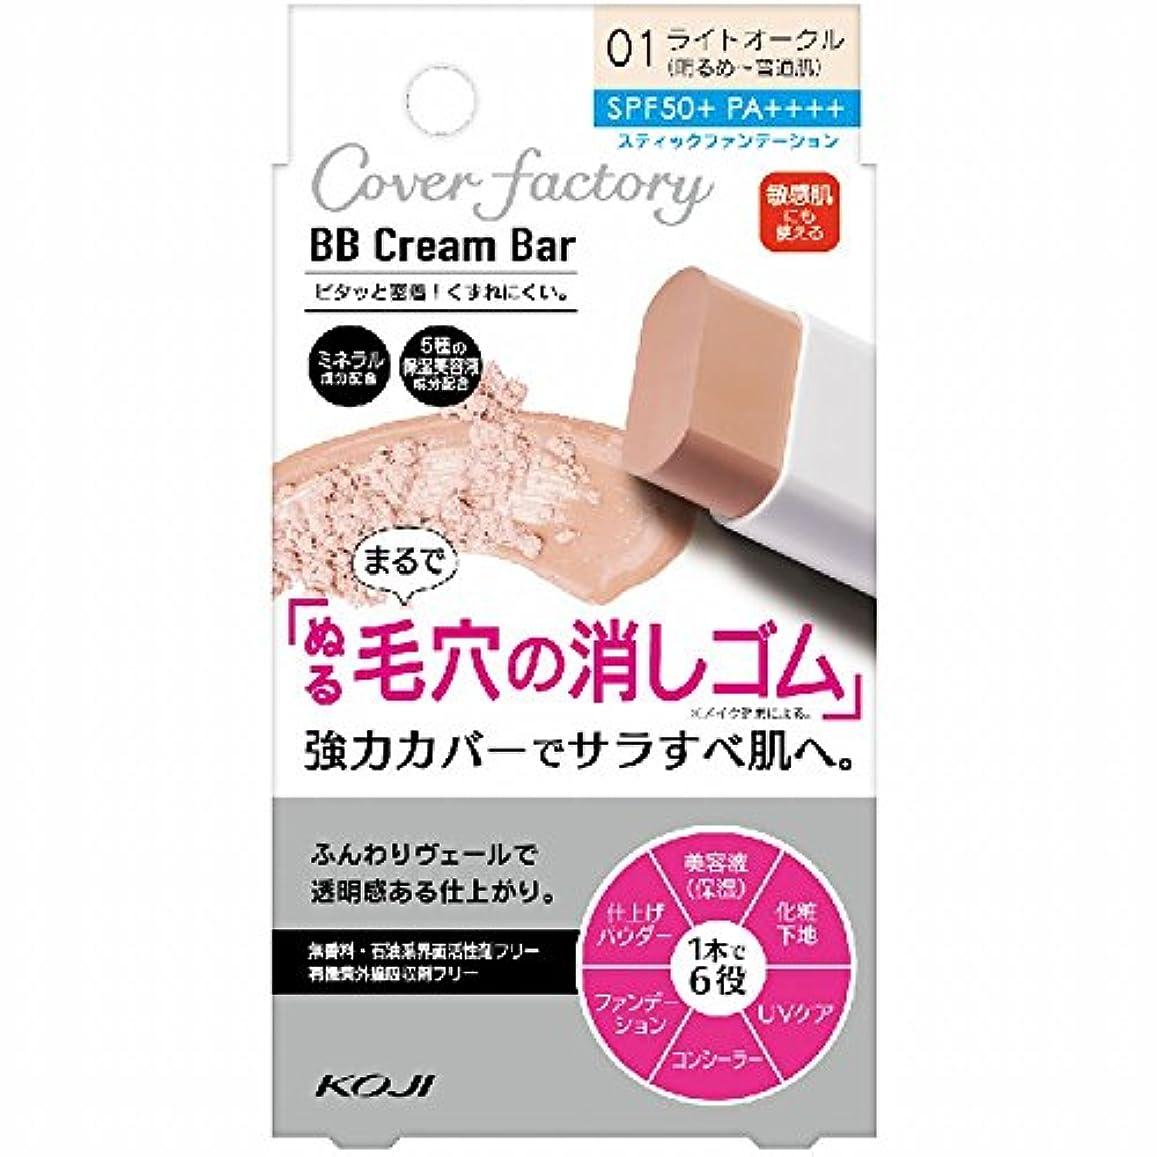 マスクケーブル幻想カバーファクトリー BBクリームバー 01 ライトオークル